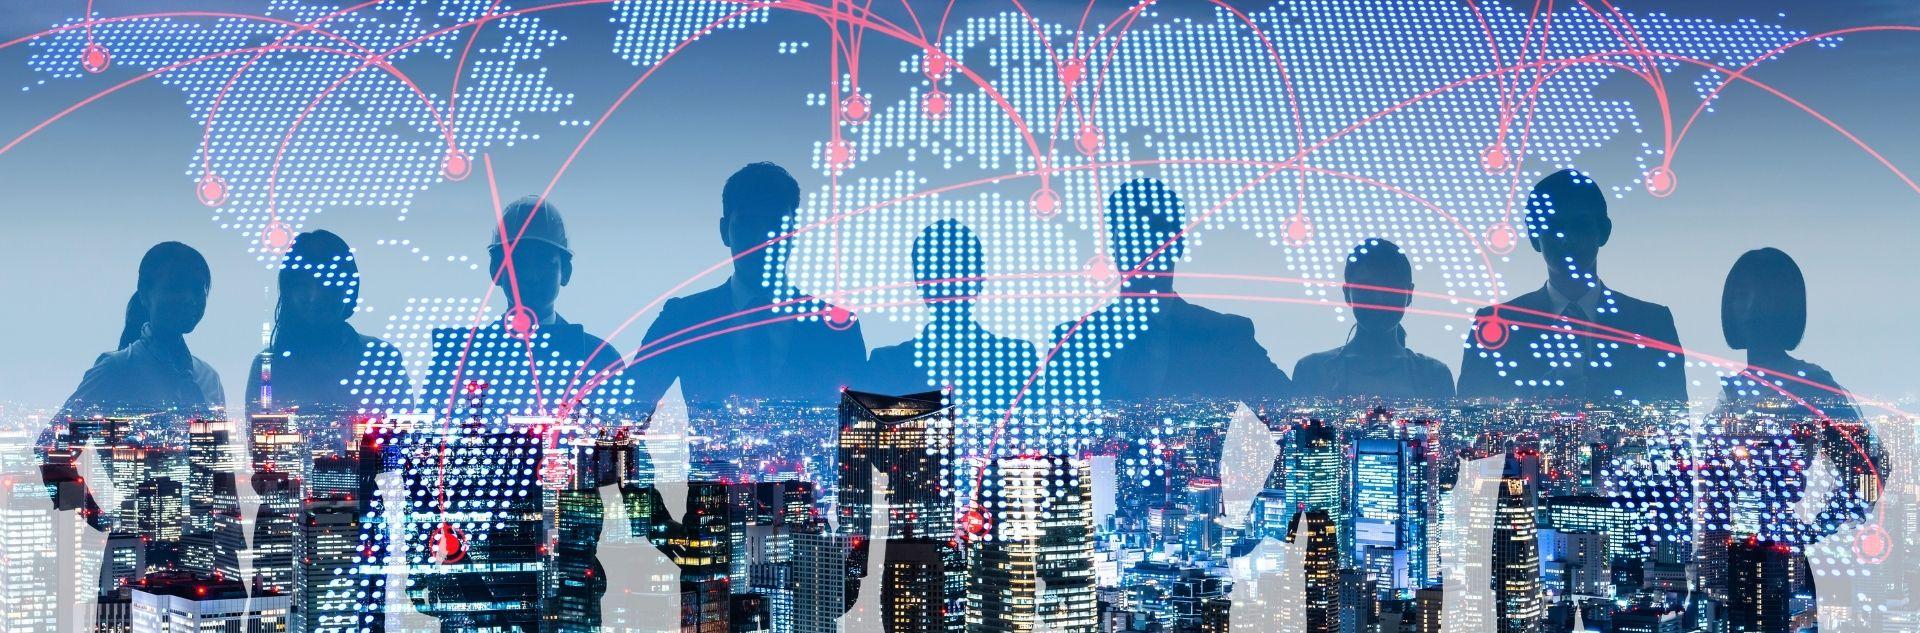 Business weltweit Geschäftsleute vor beleuchteter Skyline mit Verbindungen rund um den Globus